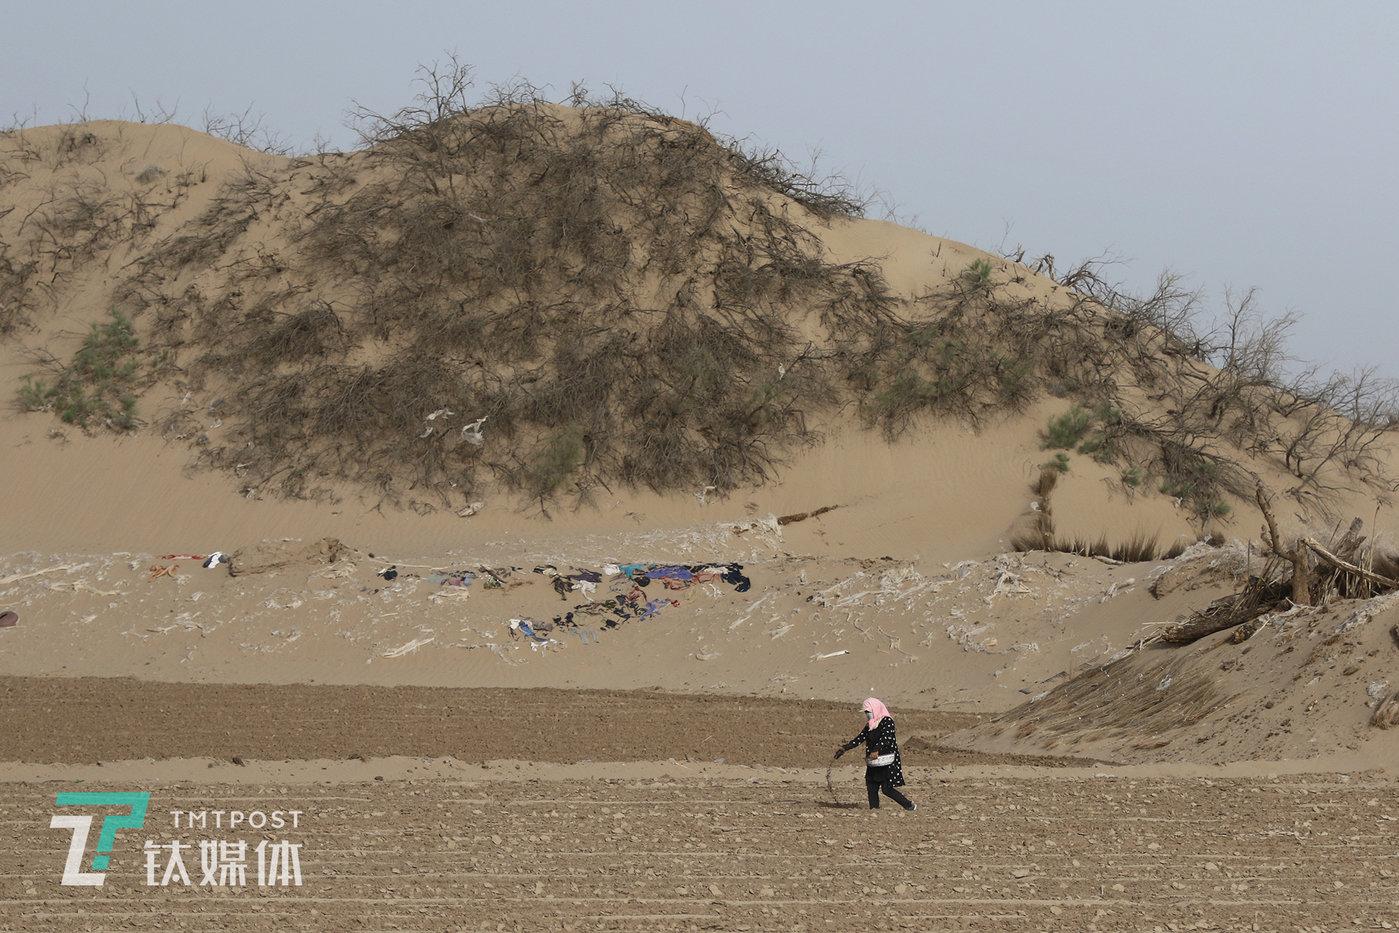 2019年5月18日,民勤县收成镇礼智村,沙漠边一片尚未播种的蜜瓜地,瓜农在撒化肥,瓜地边的沙坡铺满了用于固沙的薄膜和废旧衣服。